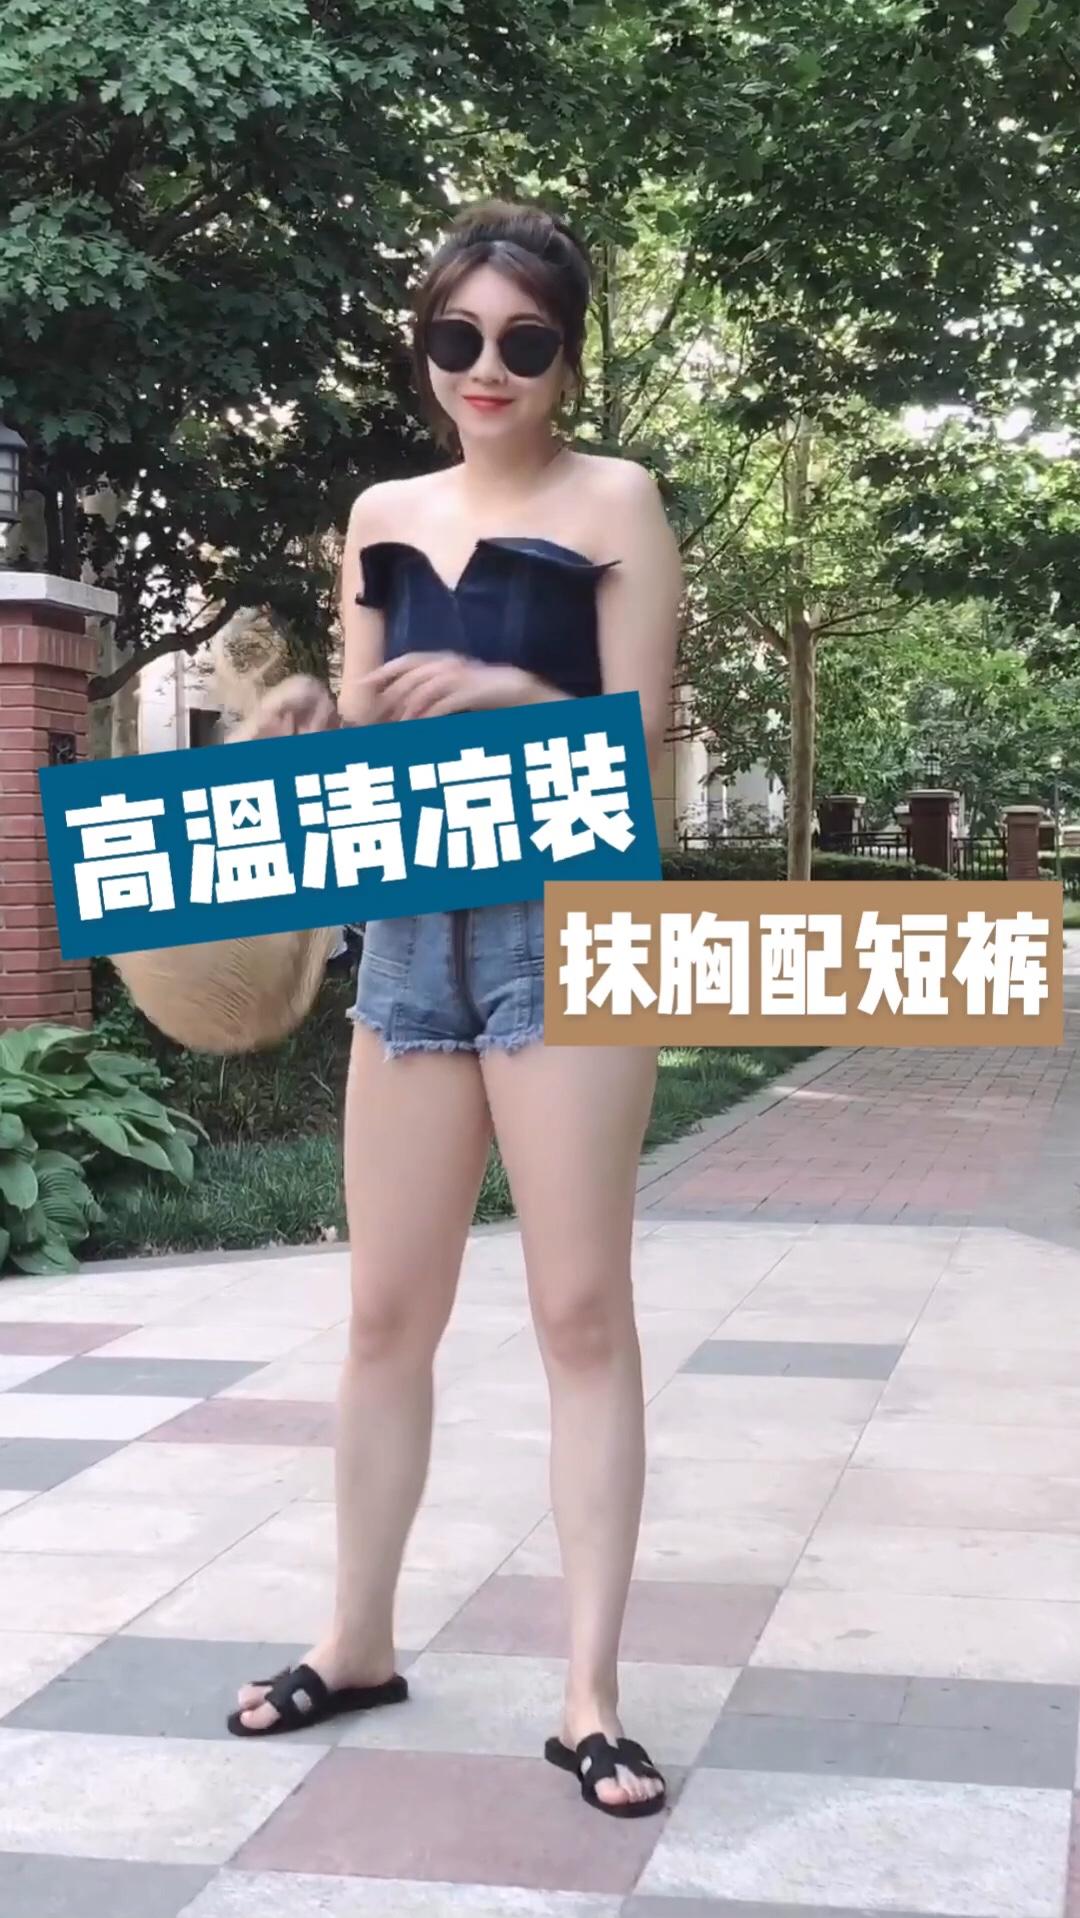 #何以解暑,雪纺吊带超短裤#  30度的高温!除了露腿还能干嘛? 高温预警来袭~ 清凉装穿起来! 牛仔抹胸超时尚哒!